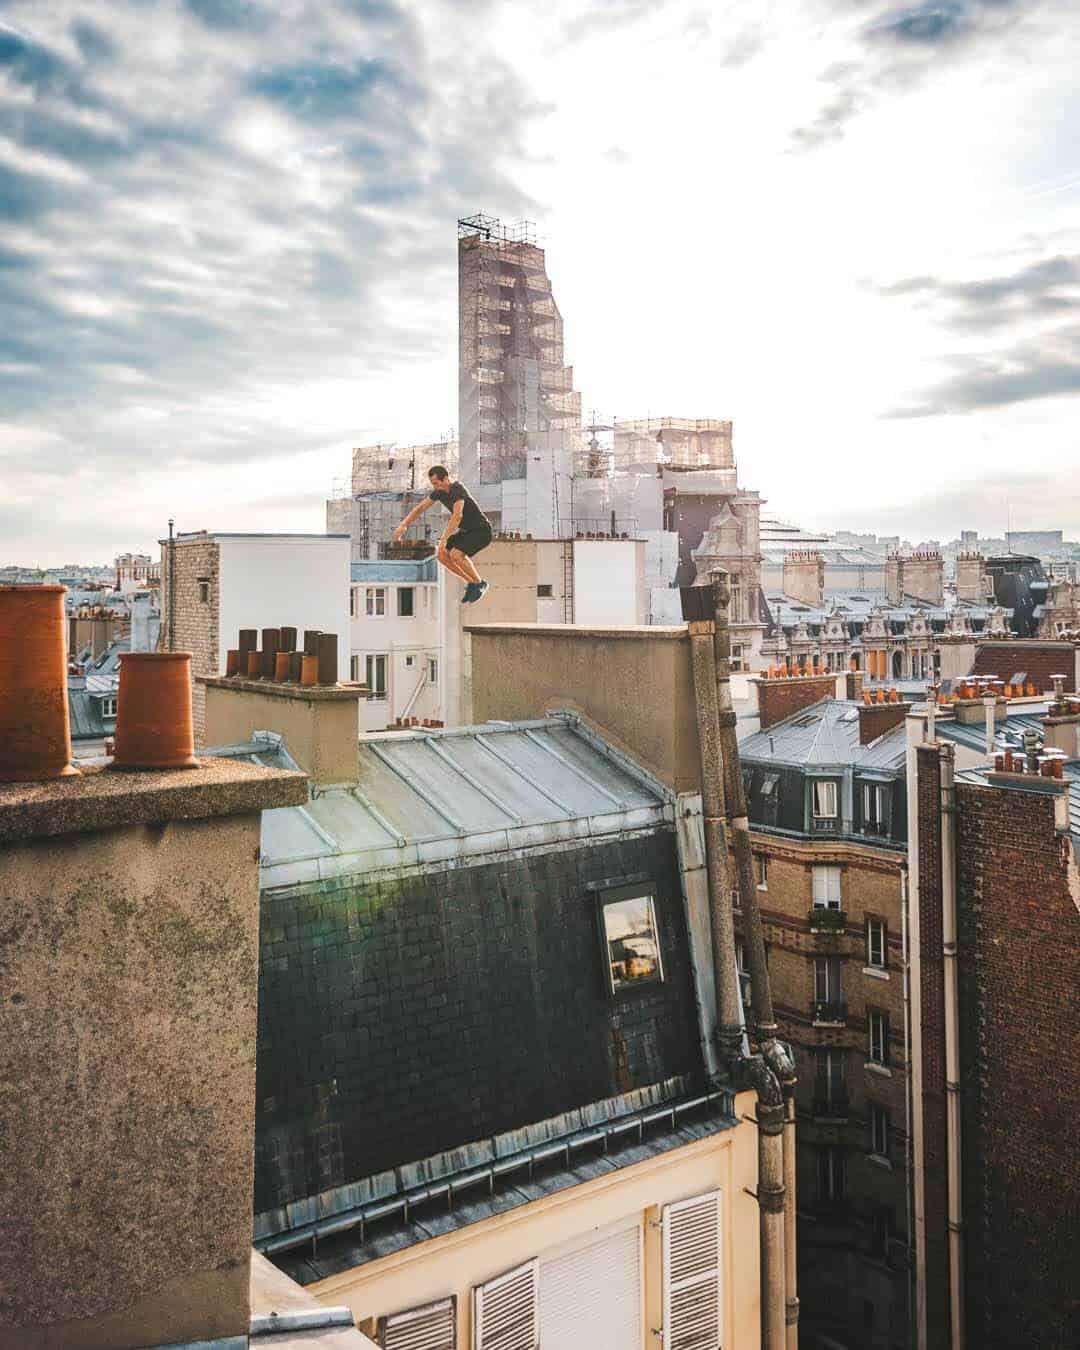 etrefort thibaut parkour clothing outdor paris rooftop pov jump2